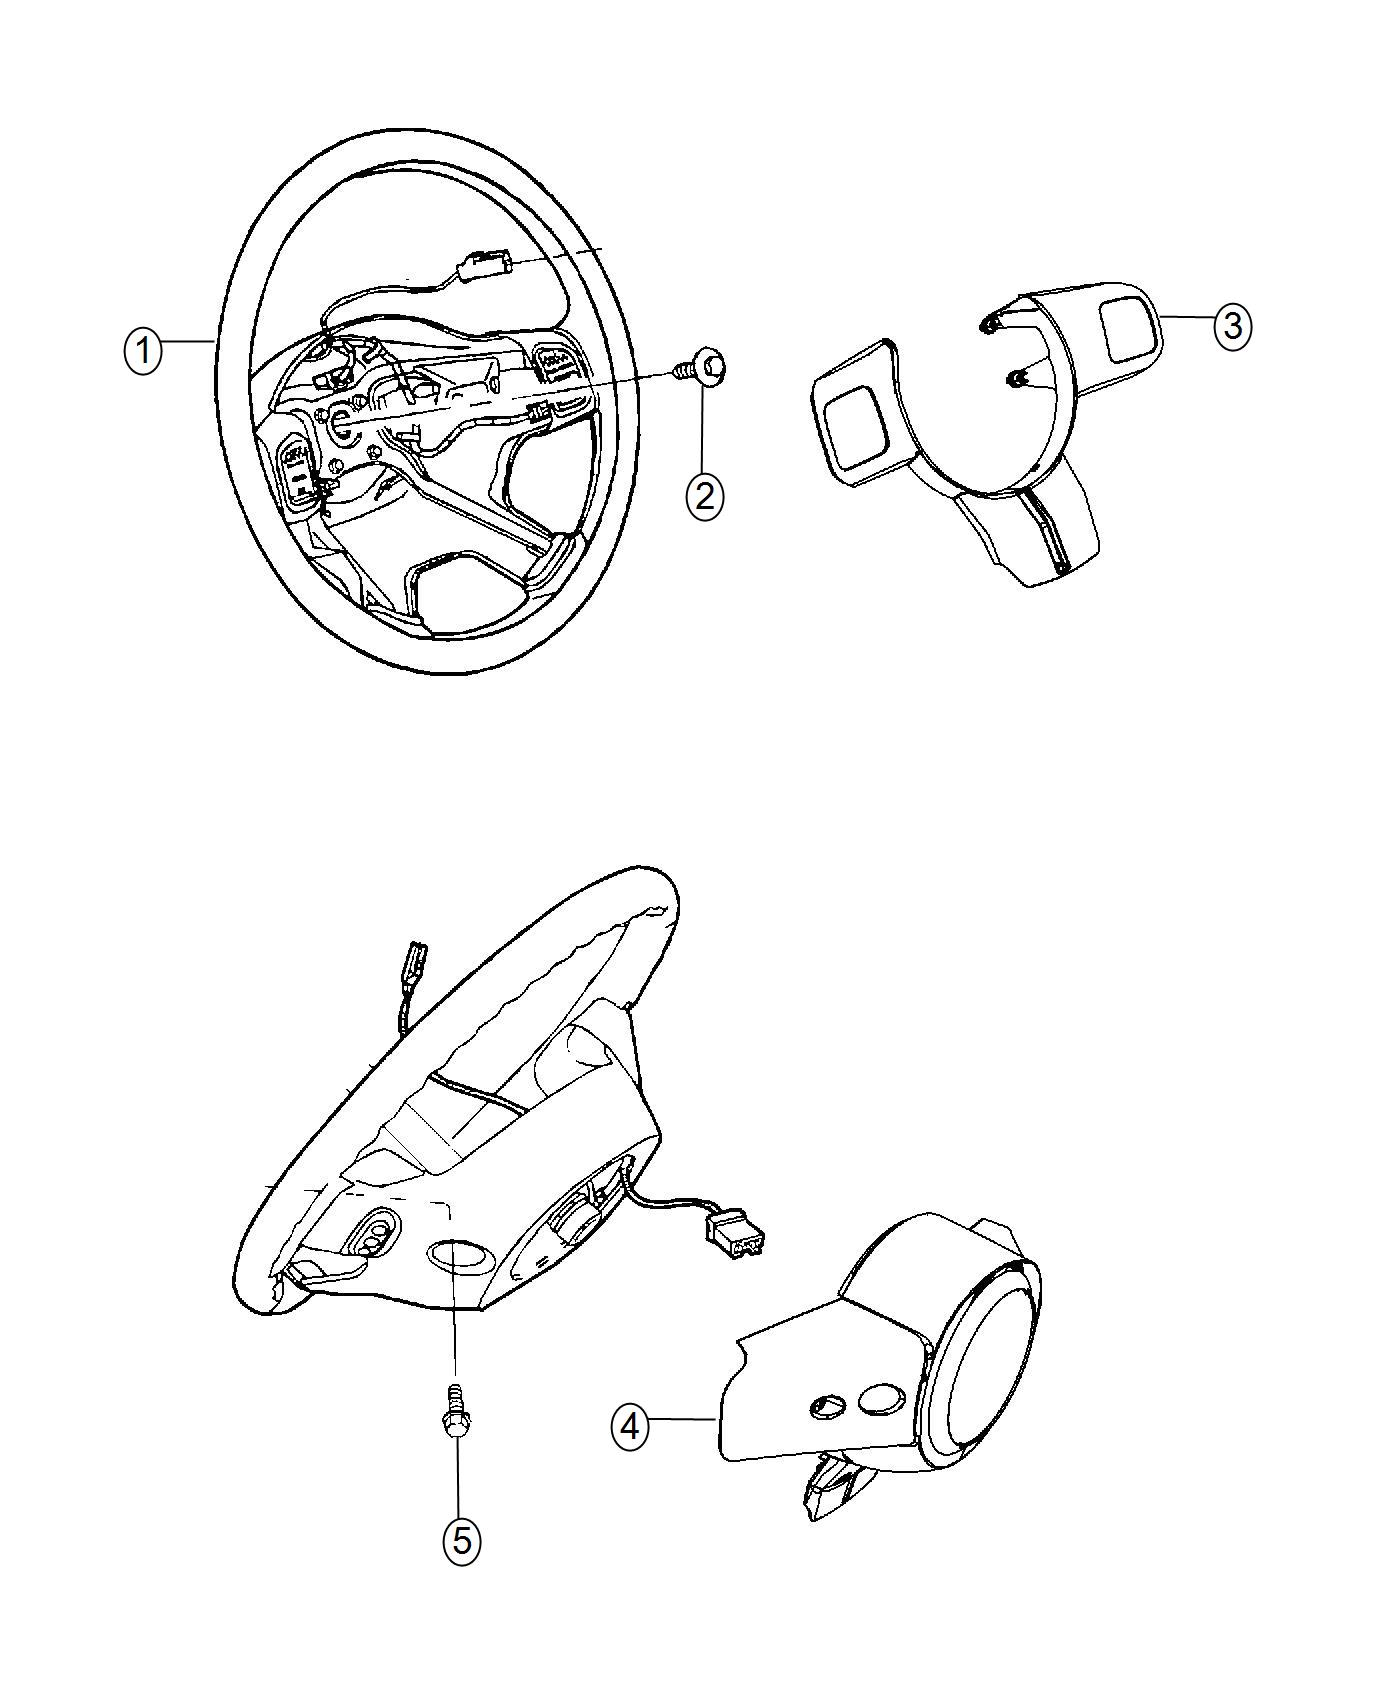 Jeep Wrangler Wheel Steering Trim No Description Available Color Black